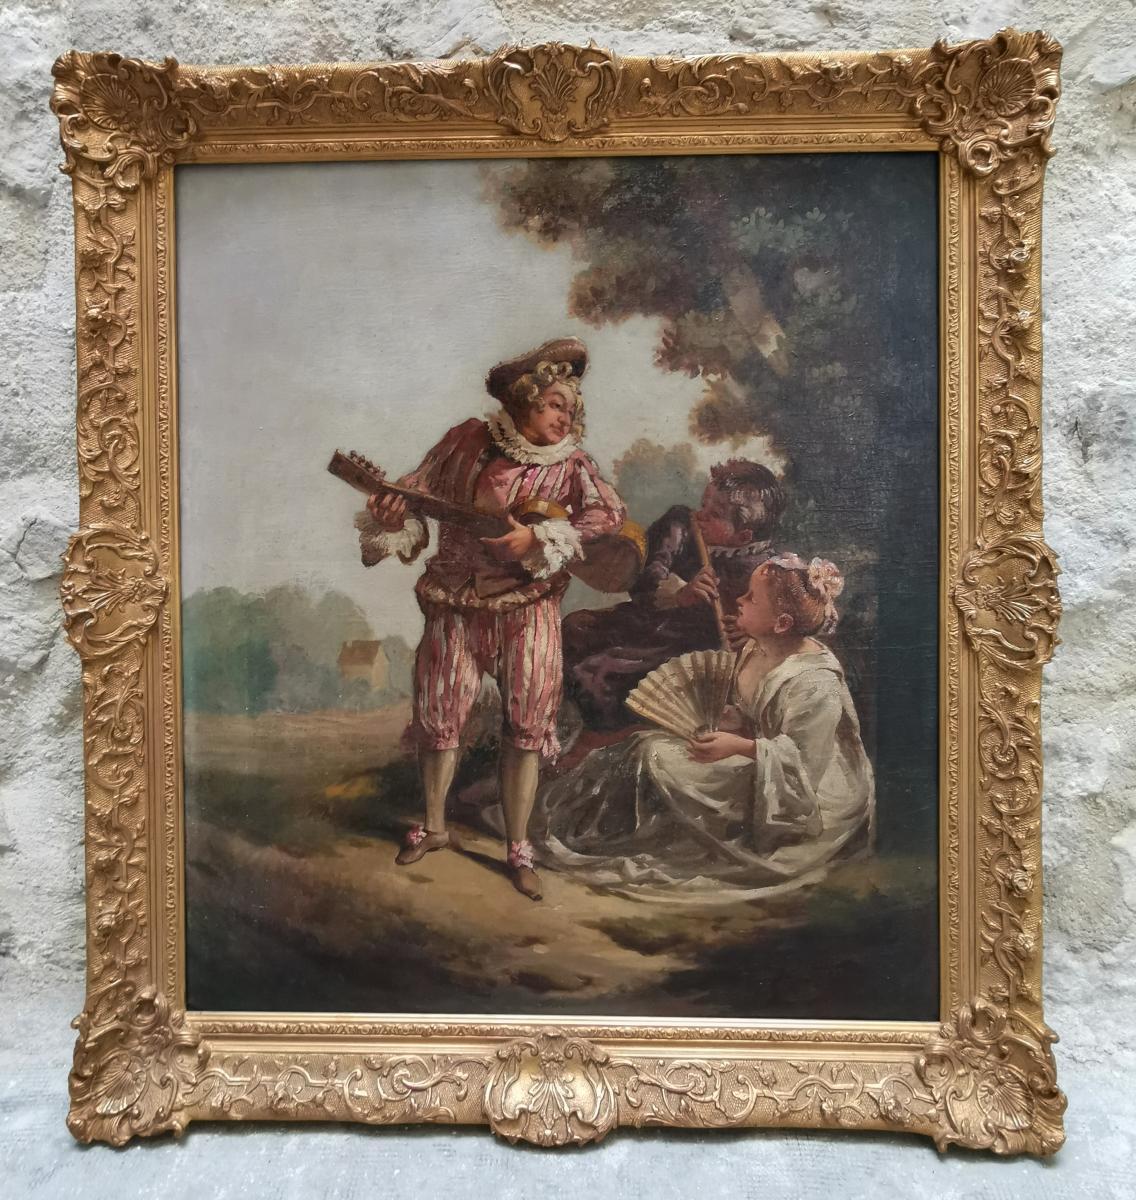 La Sérénade D'après Jean-antoine Watteau